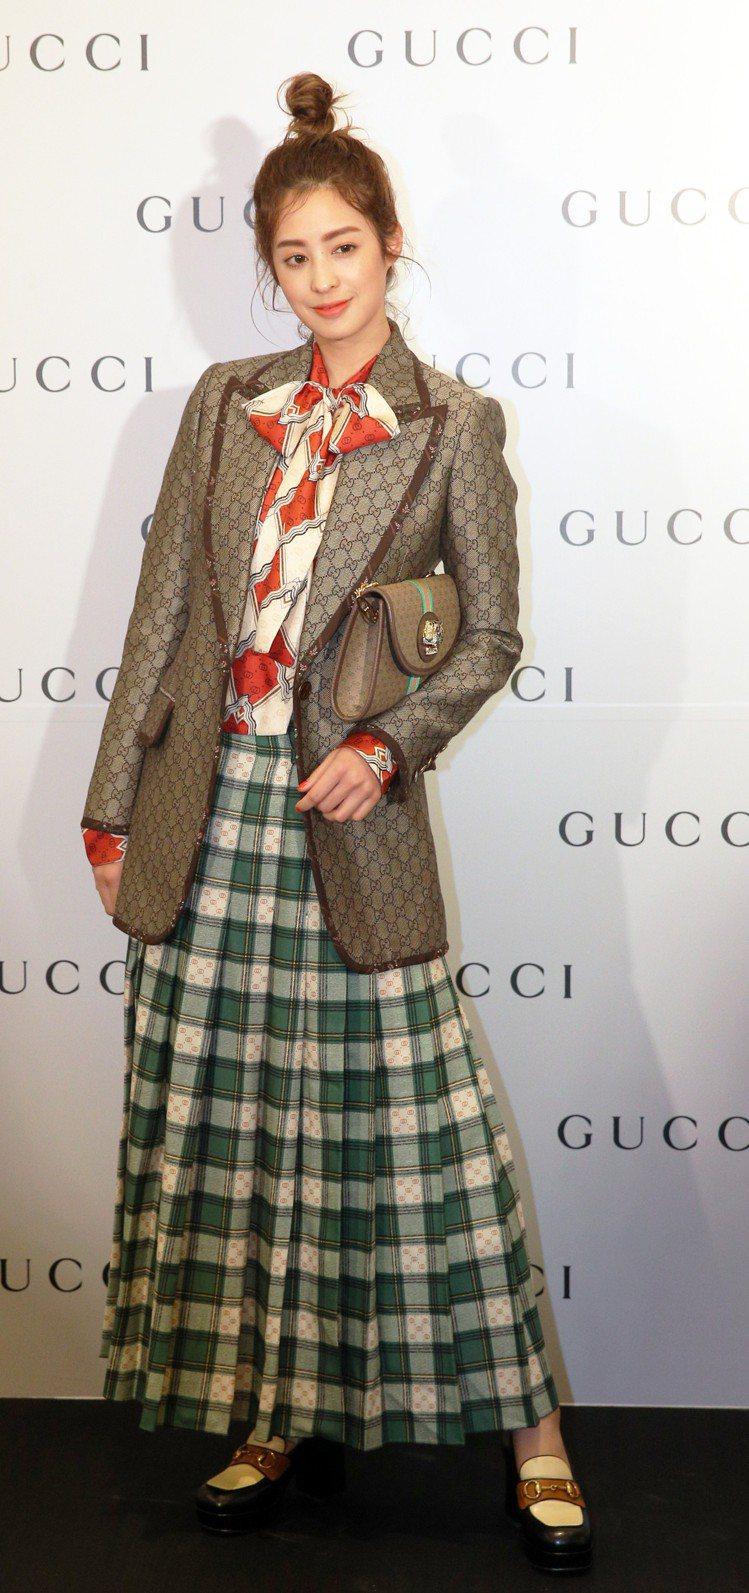 愛復古風的莫允雯,以Gucci logo西裝搭配格紋裙。記者劉學聖/攝影